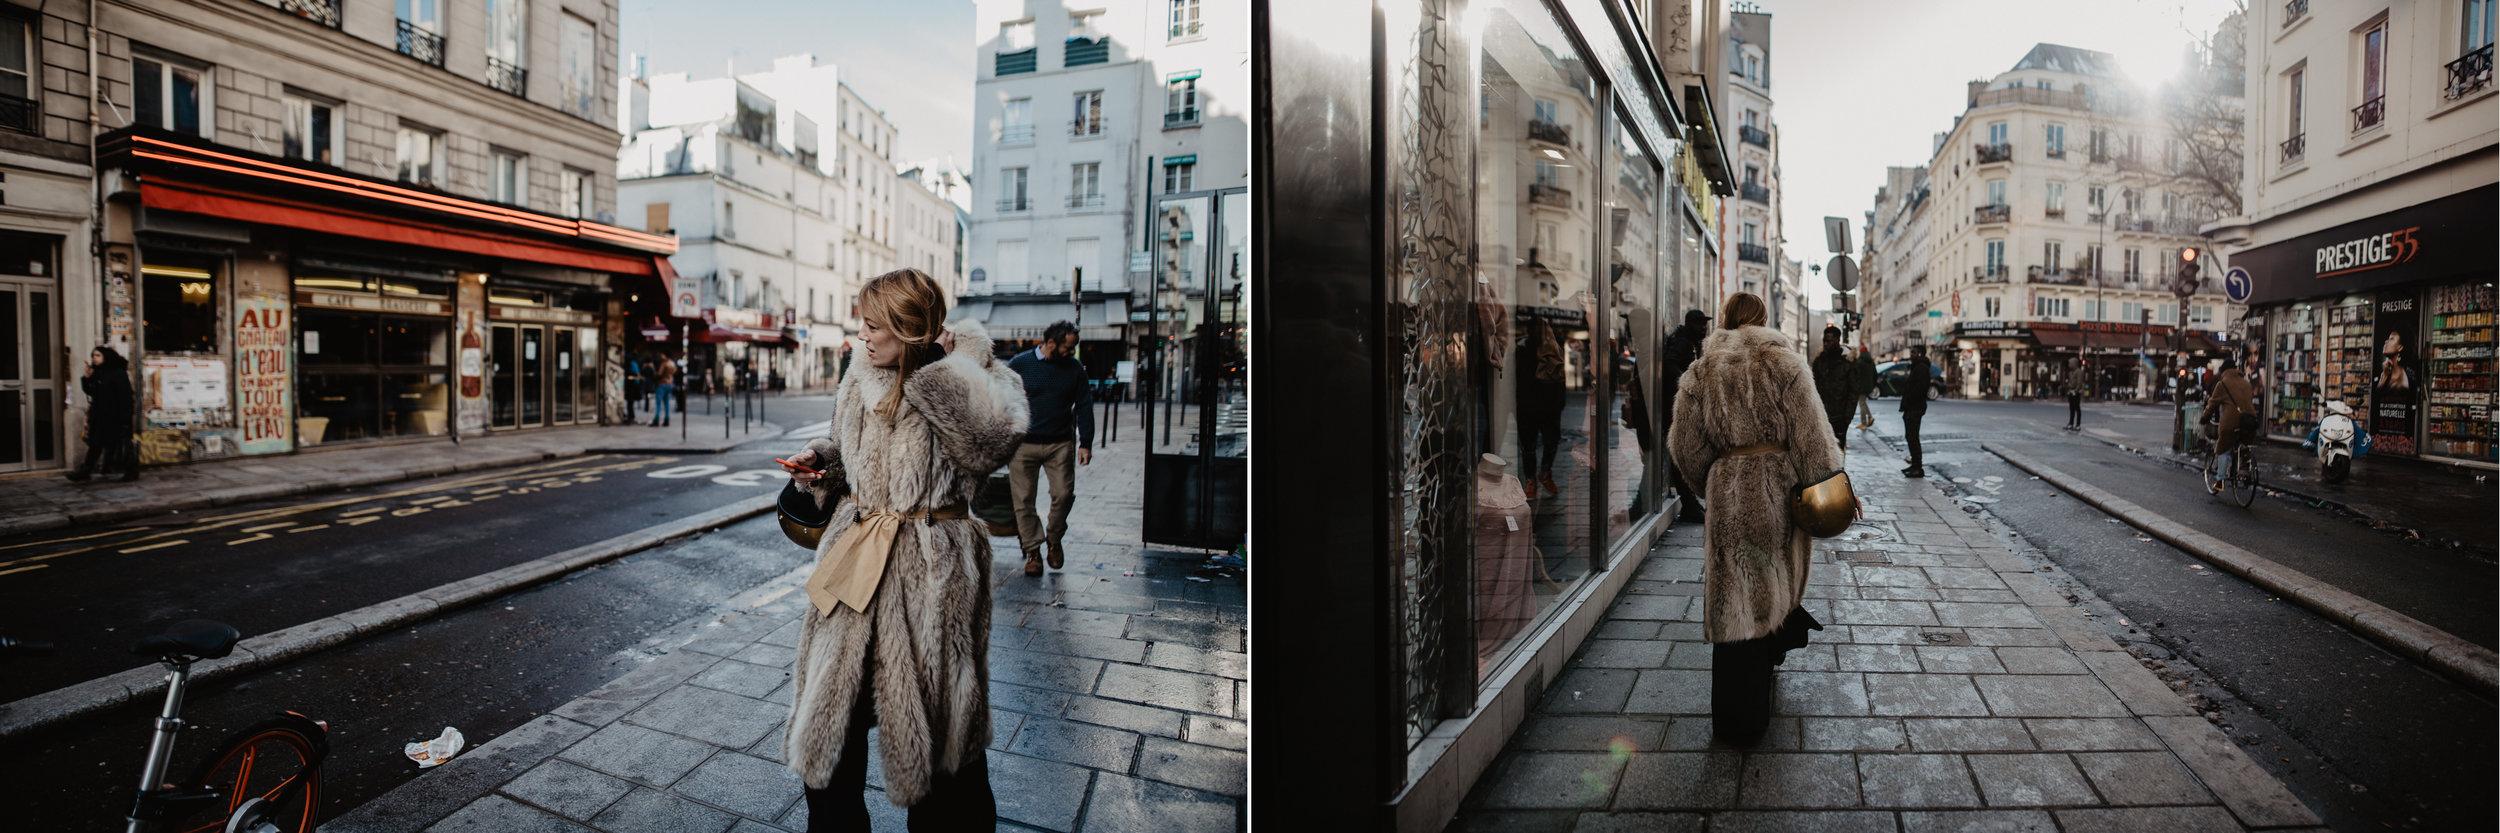 Paris_MissFrecklesPhotography 15.jpg